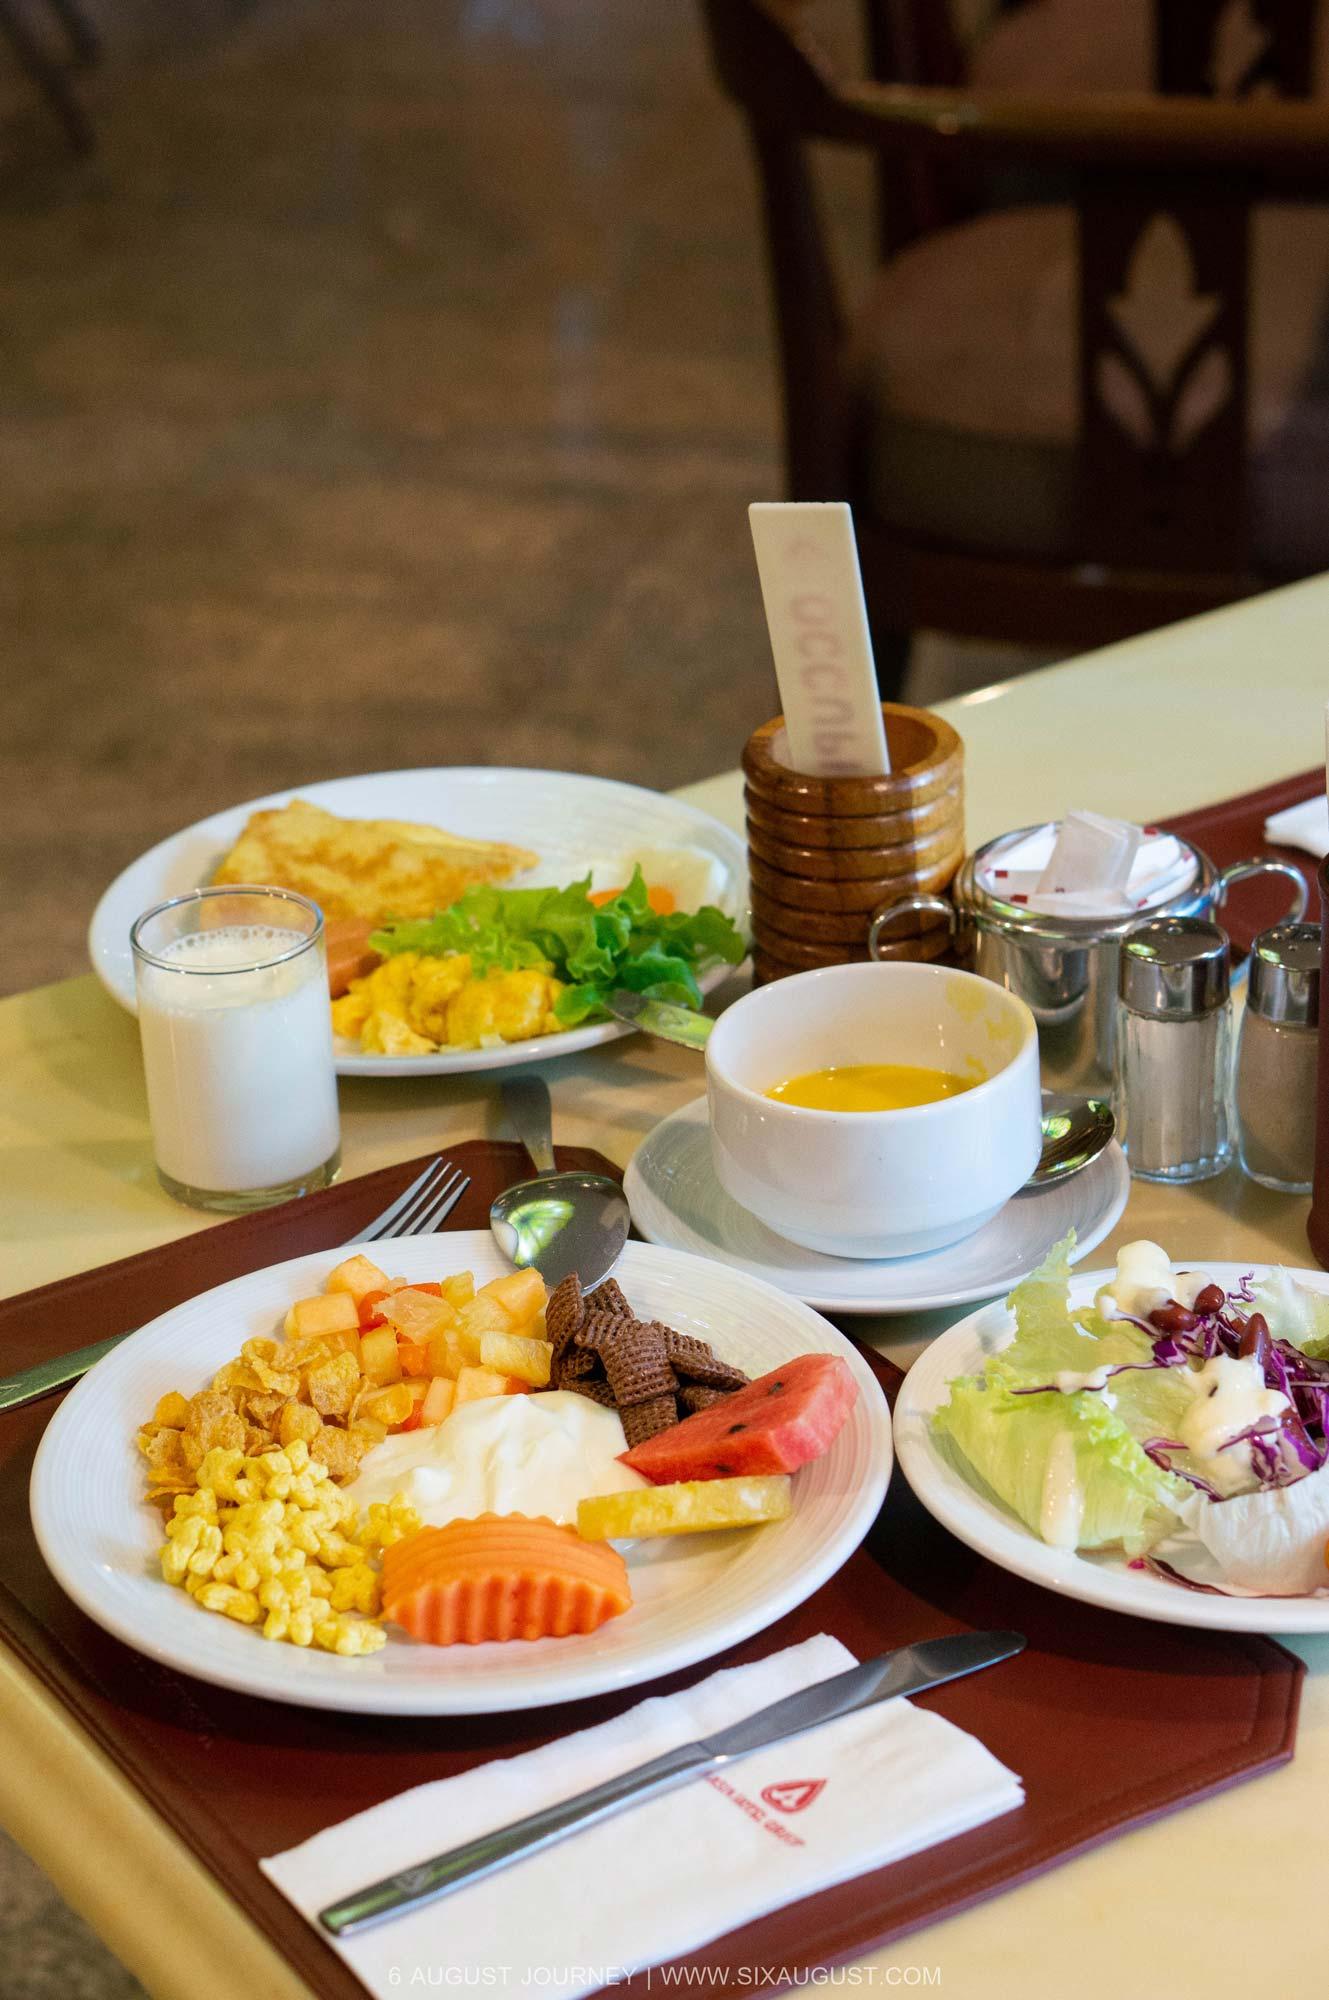 อาหารเช้า โรงแรมเอเชีย รีวิว